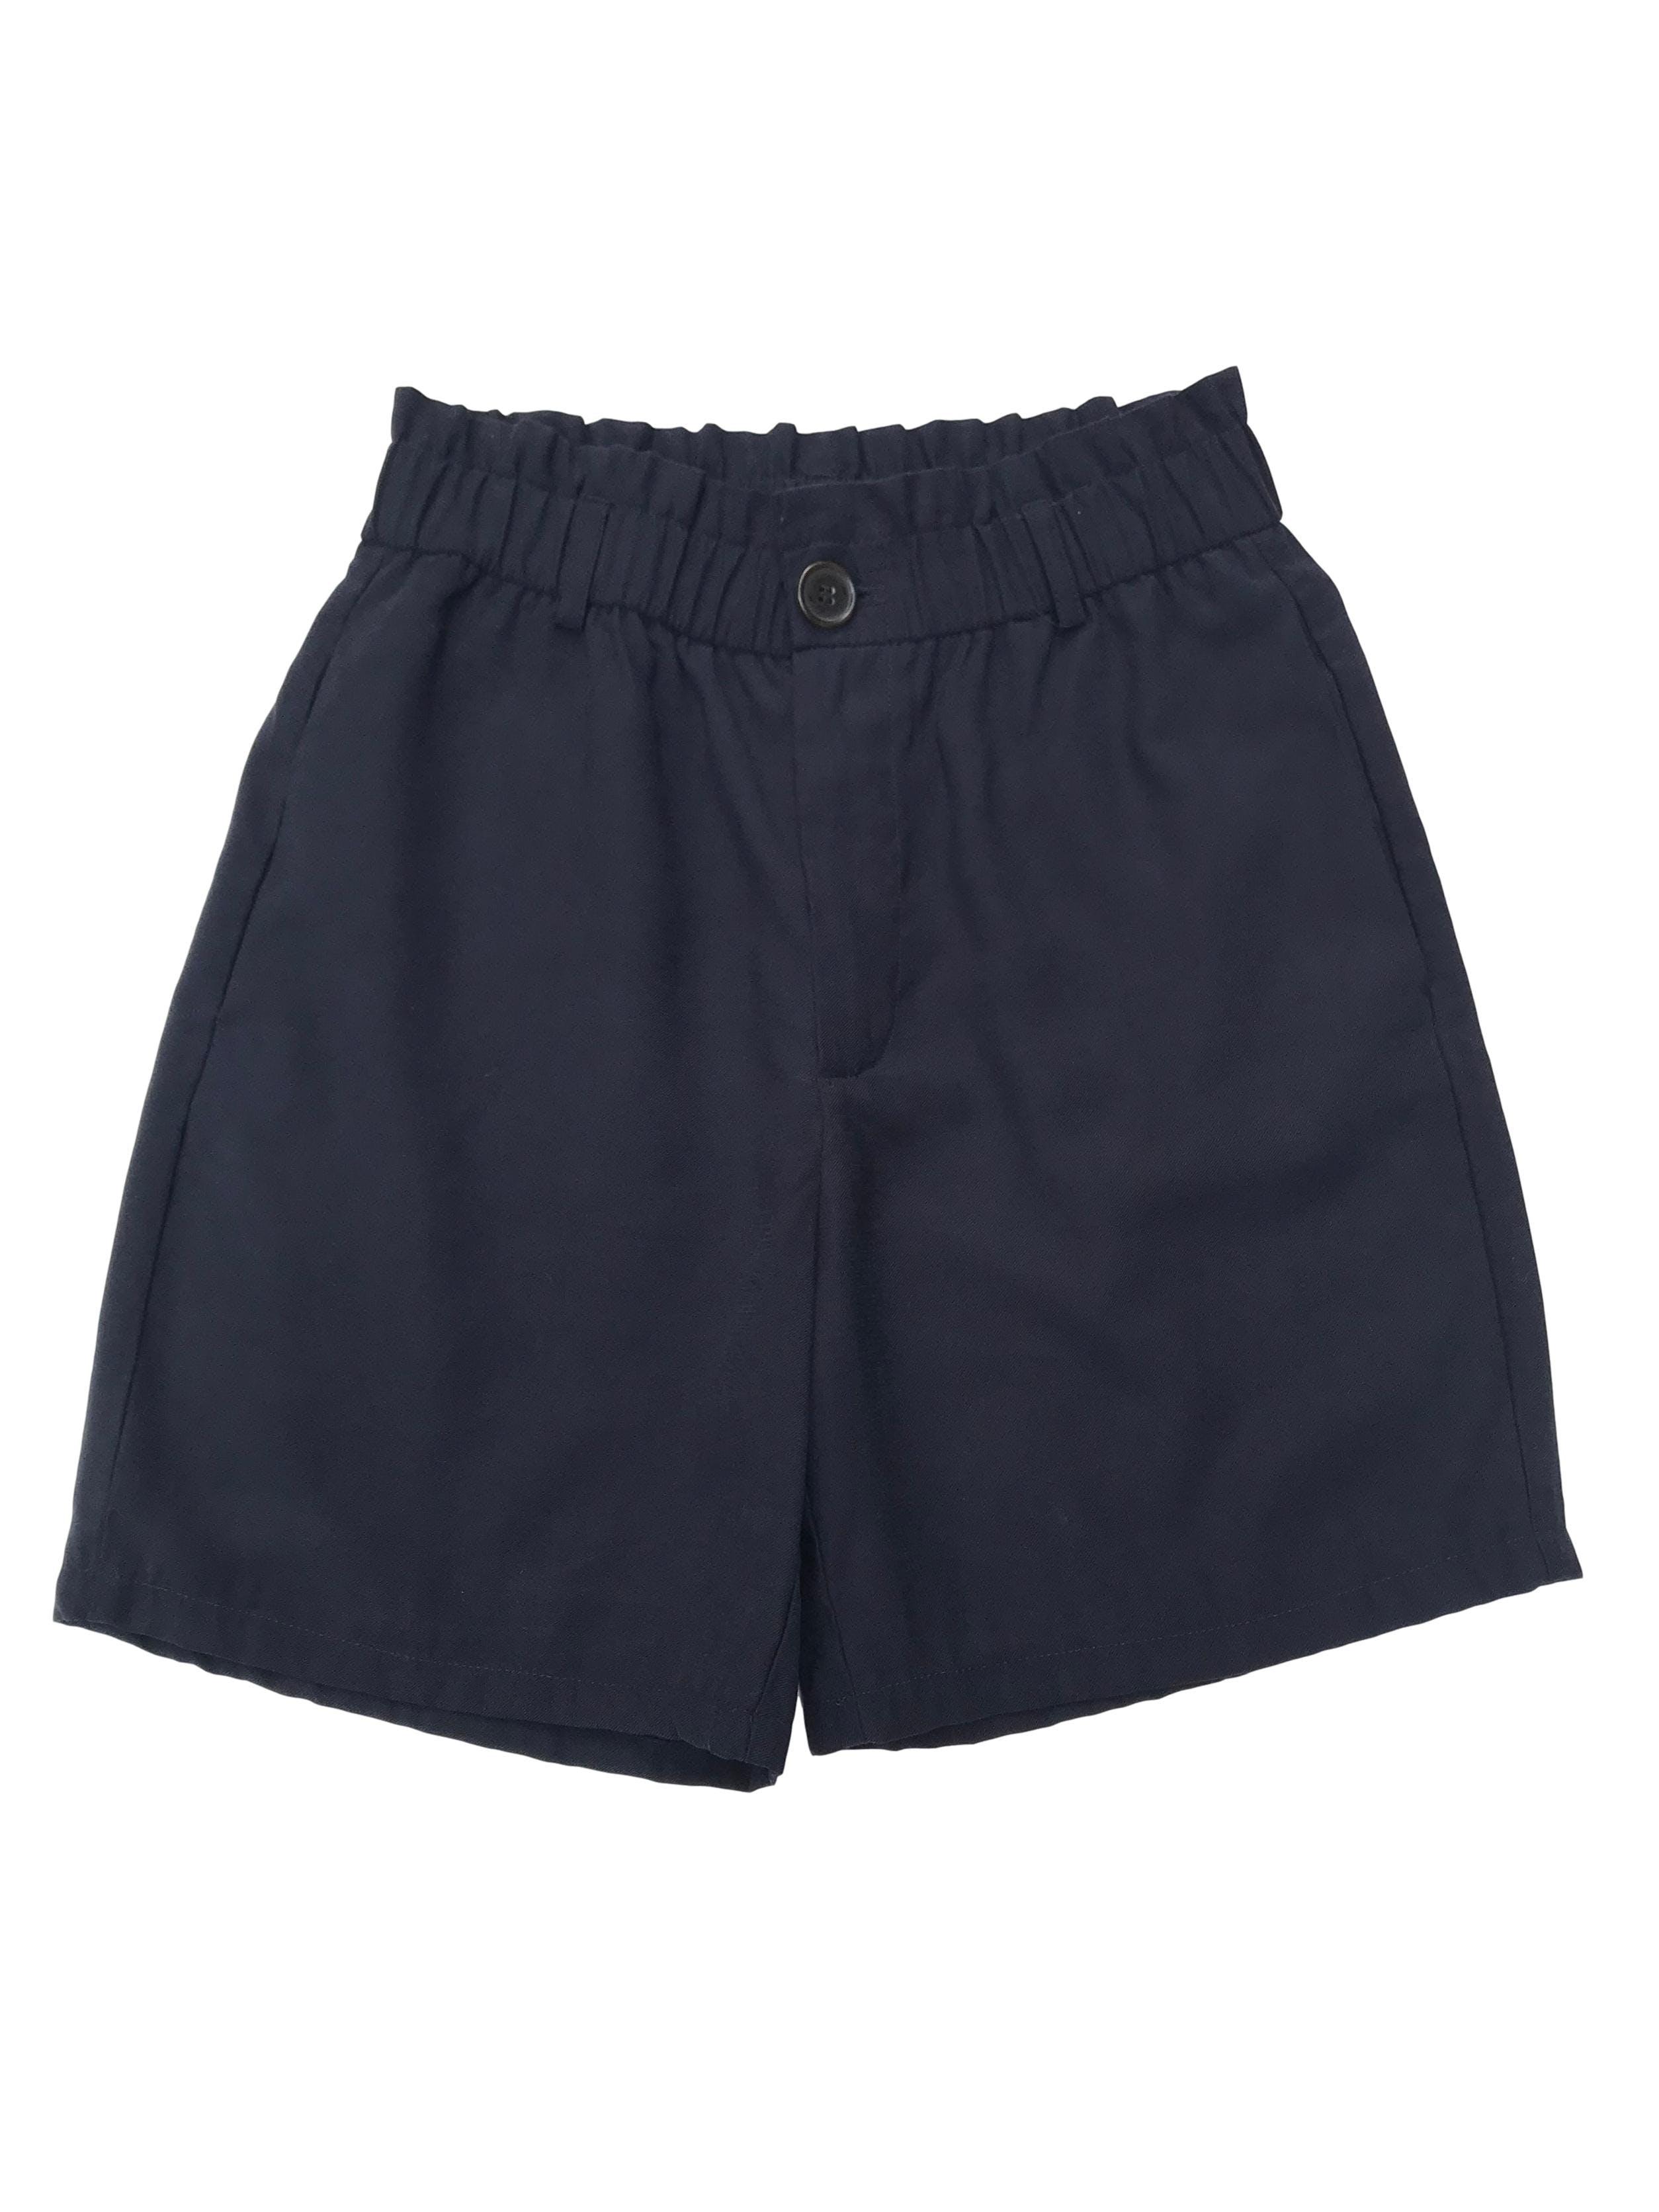 Short Zara azul paper bag con bolsillos laterales. Cintura 70cm Largo 43cm. Precio original S/ 129